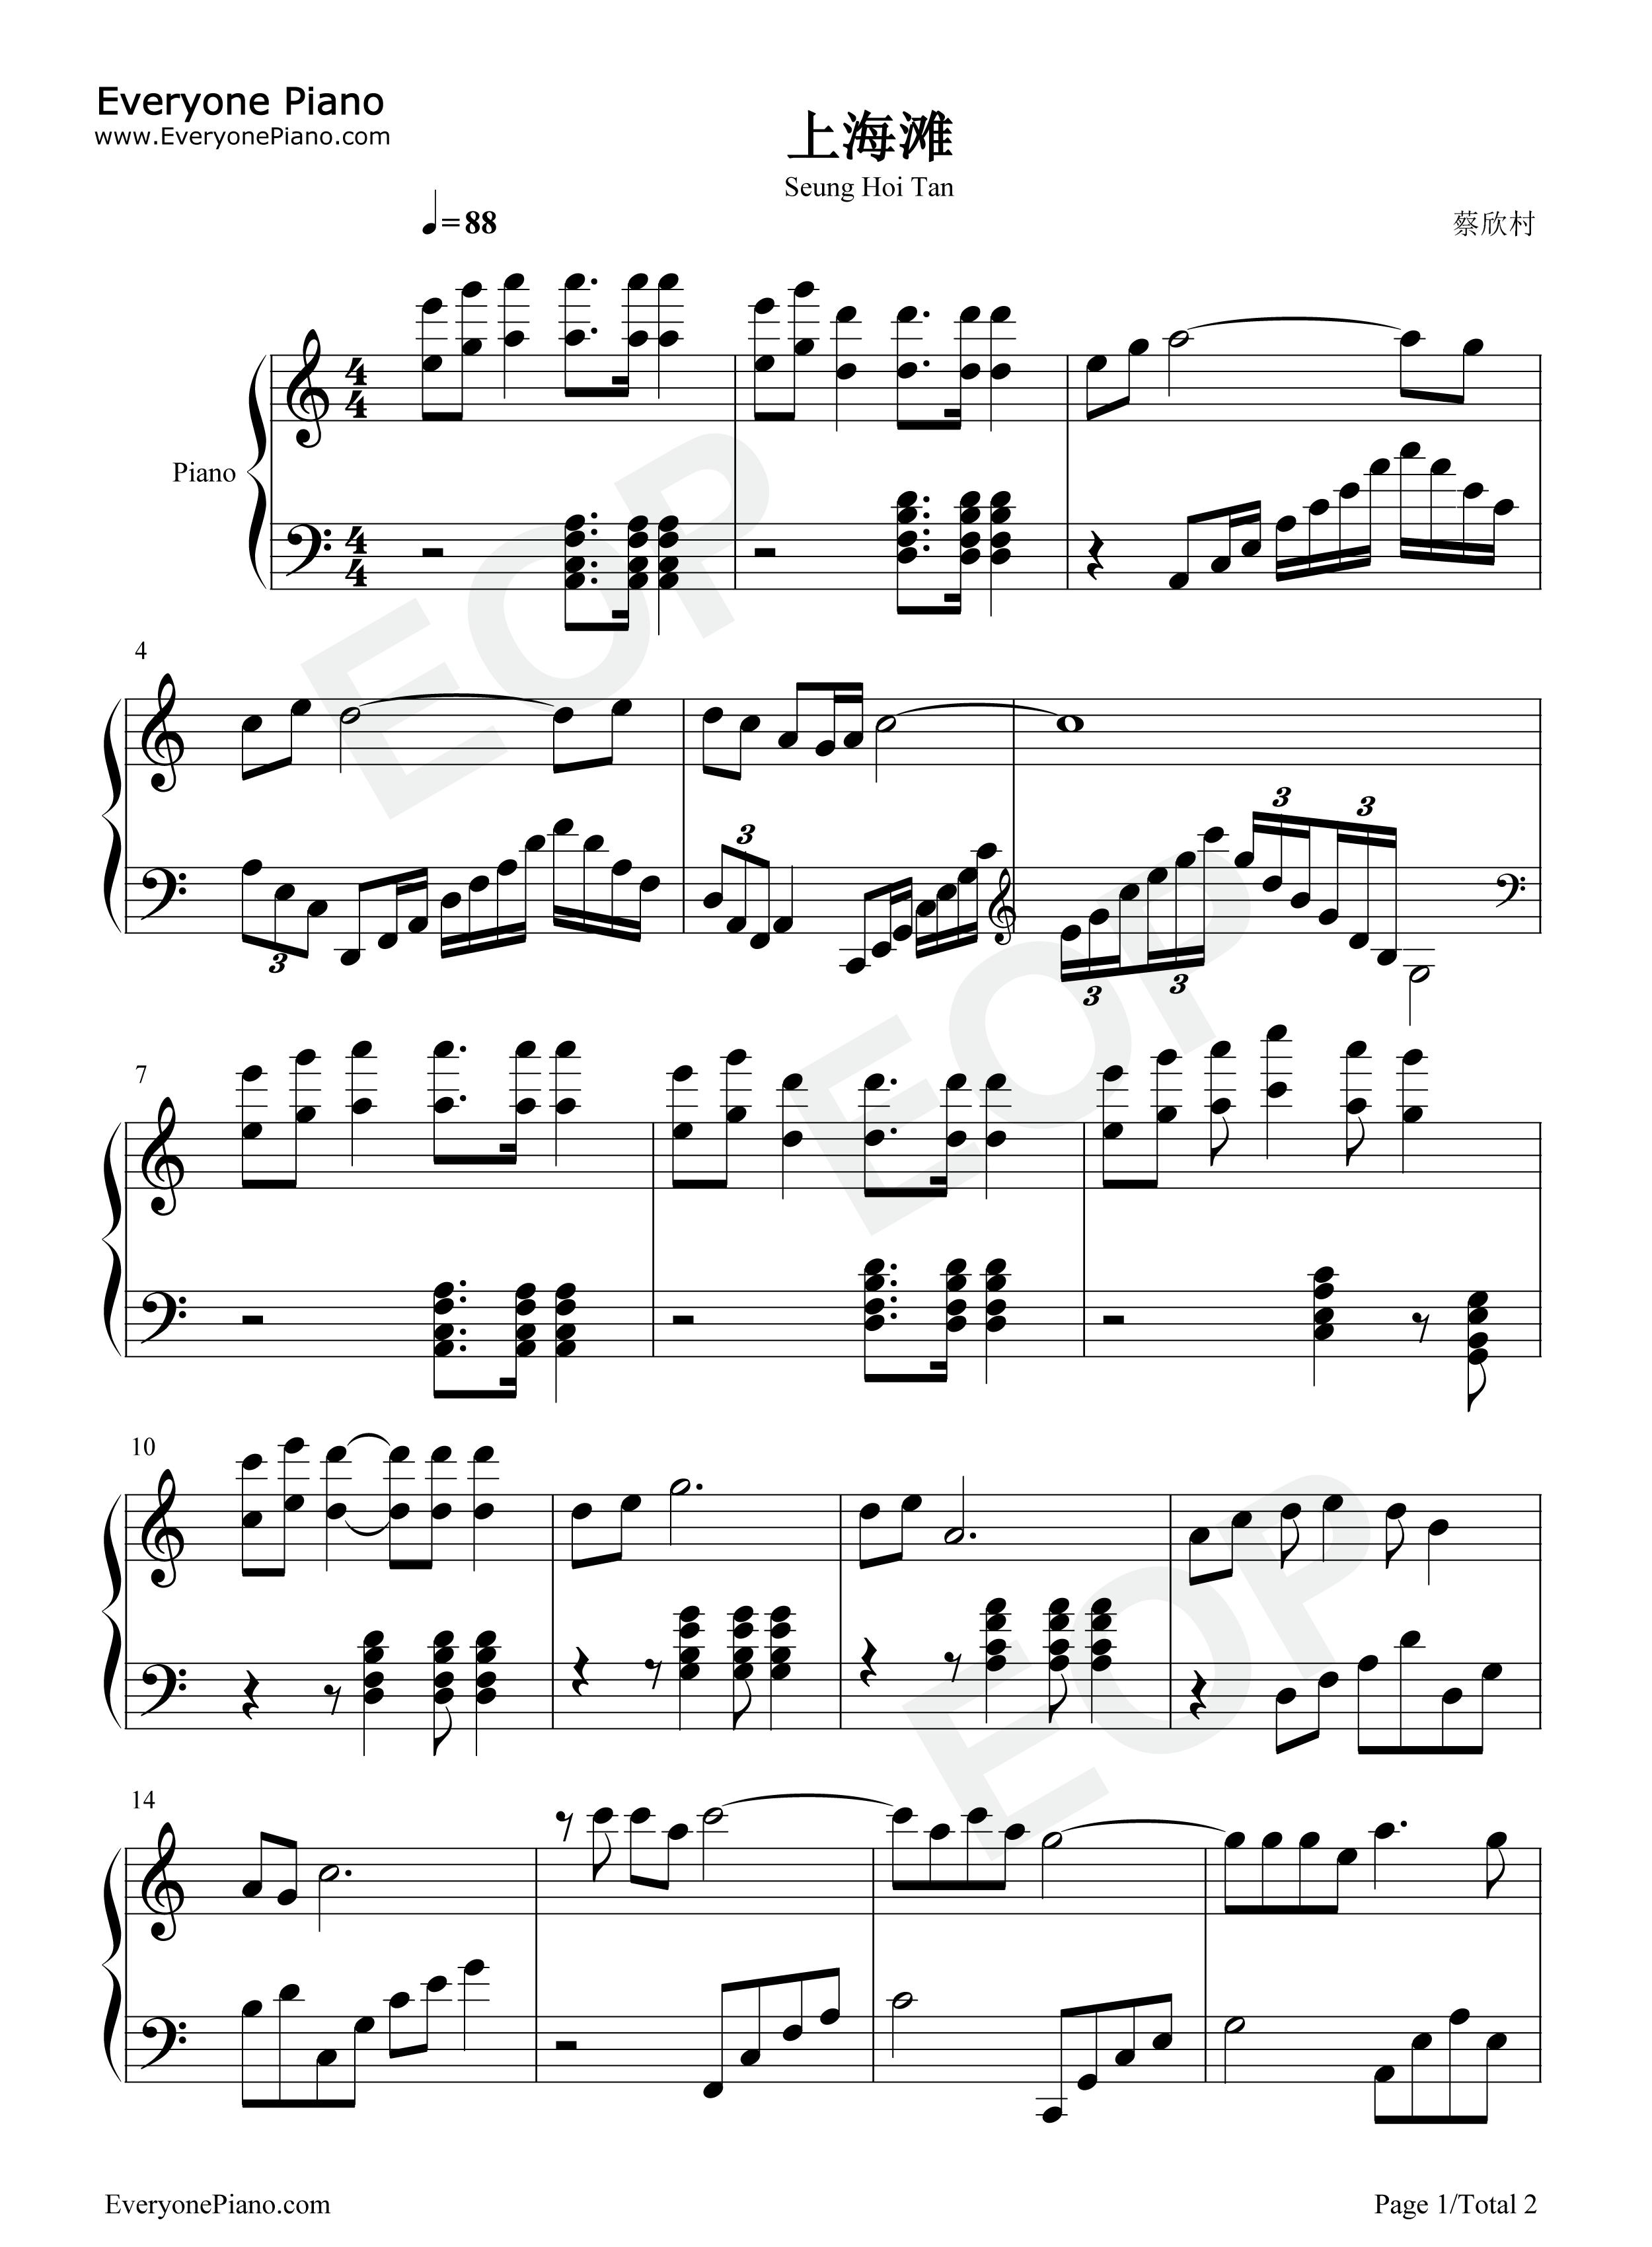 民乐合奏上海滩曲谱